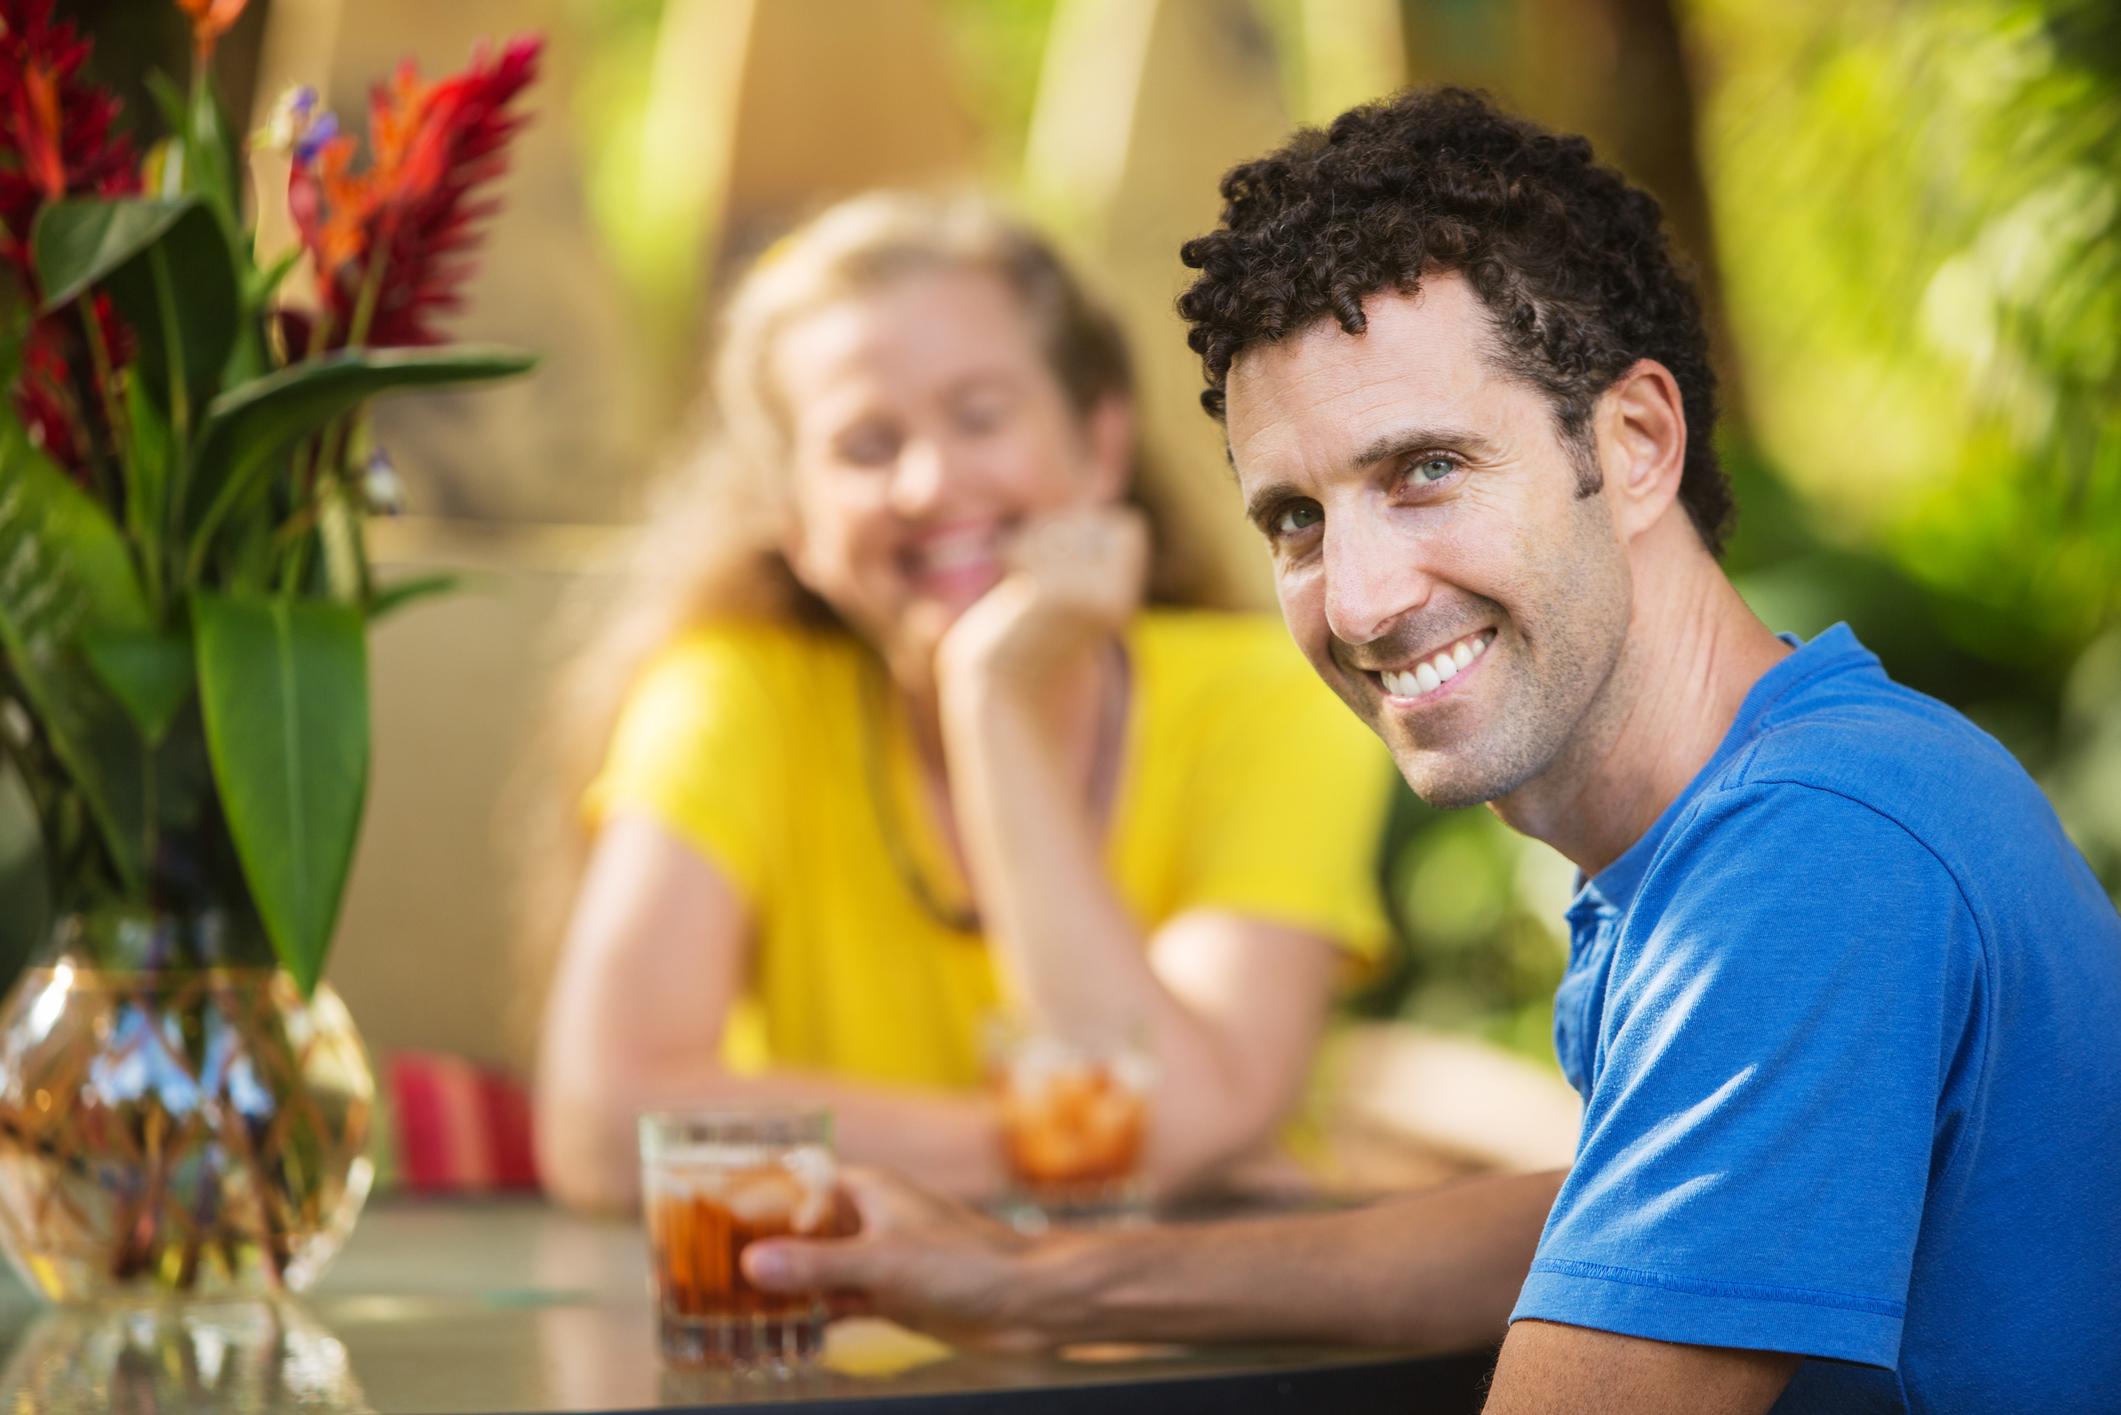 Emberi kapcsolatok: Mi a jó házasság titka?